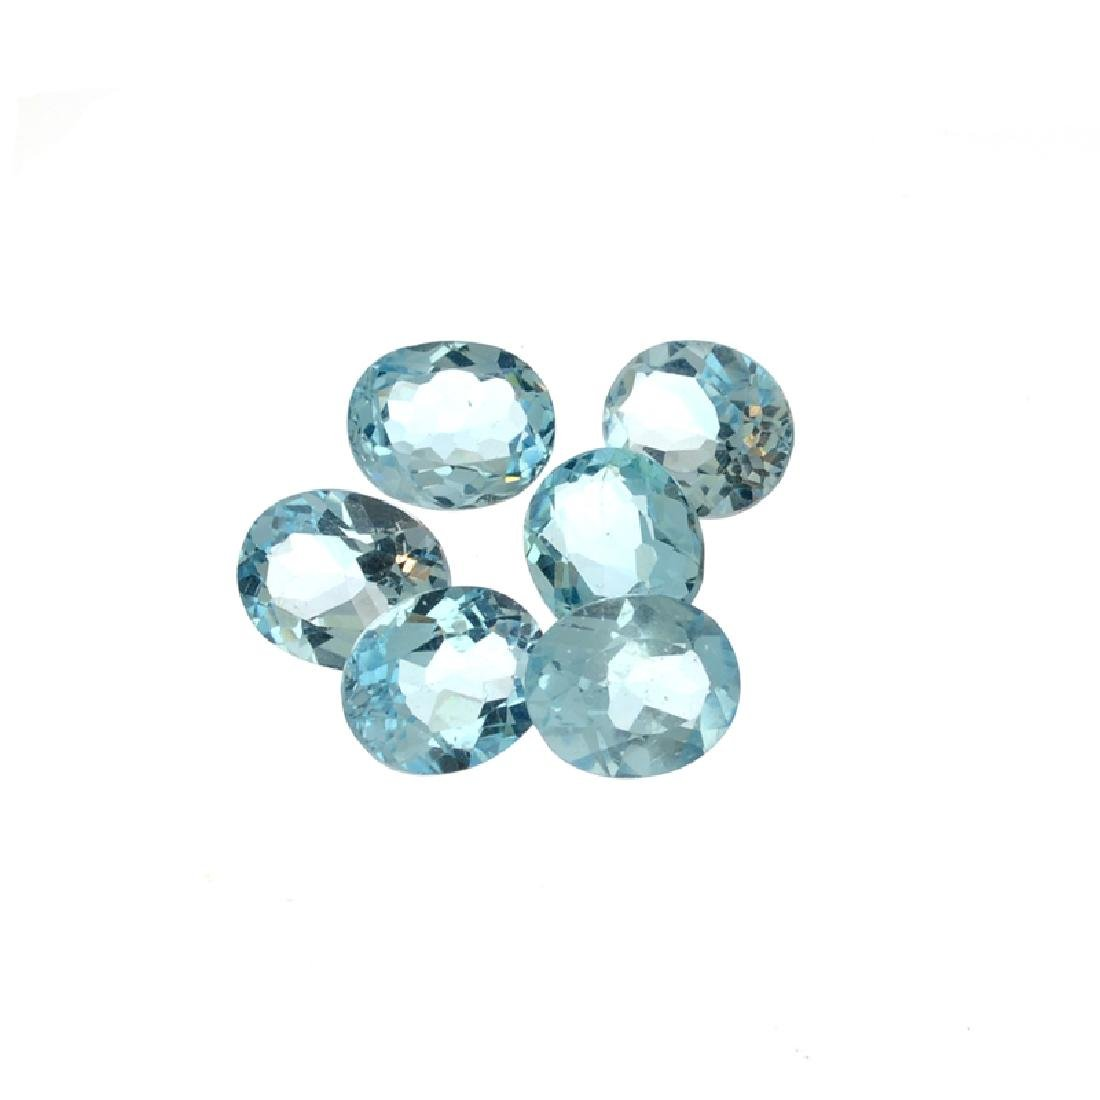 25.20CT Blue Topaz Parcel